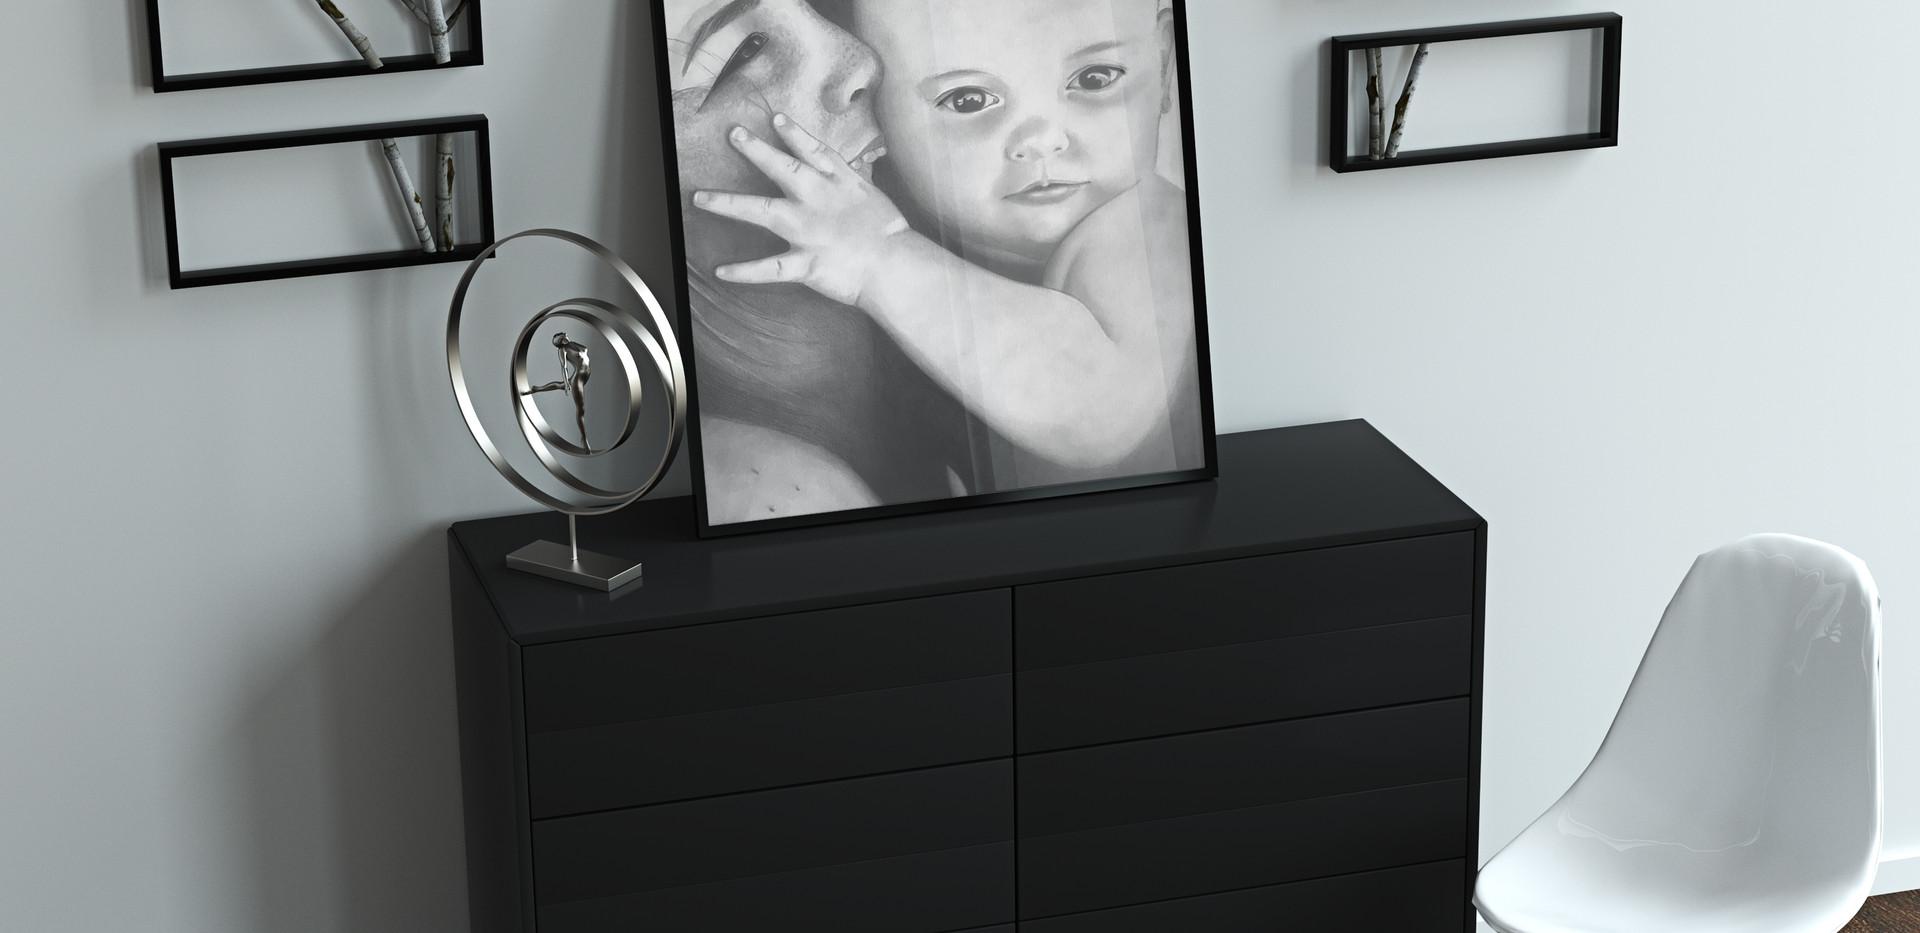 Mamma con bimbo